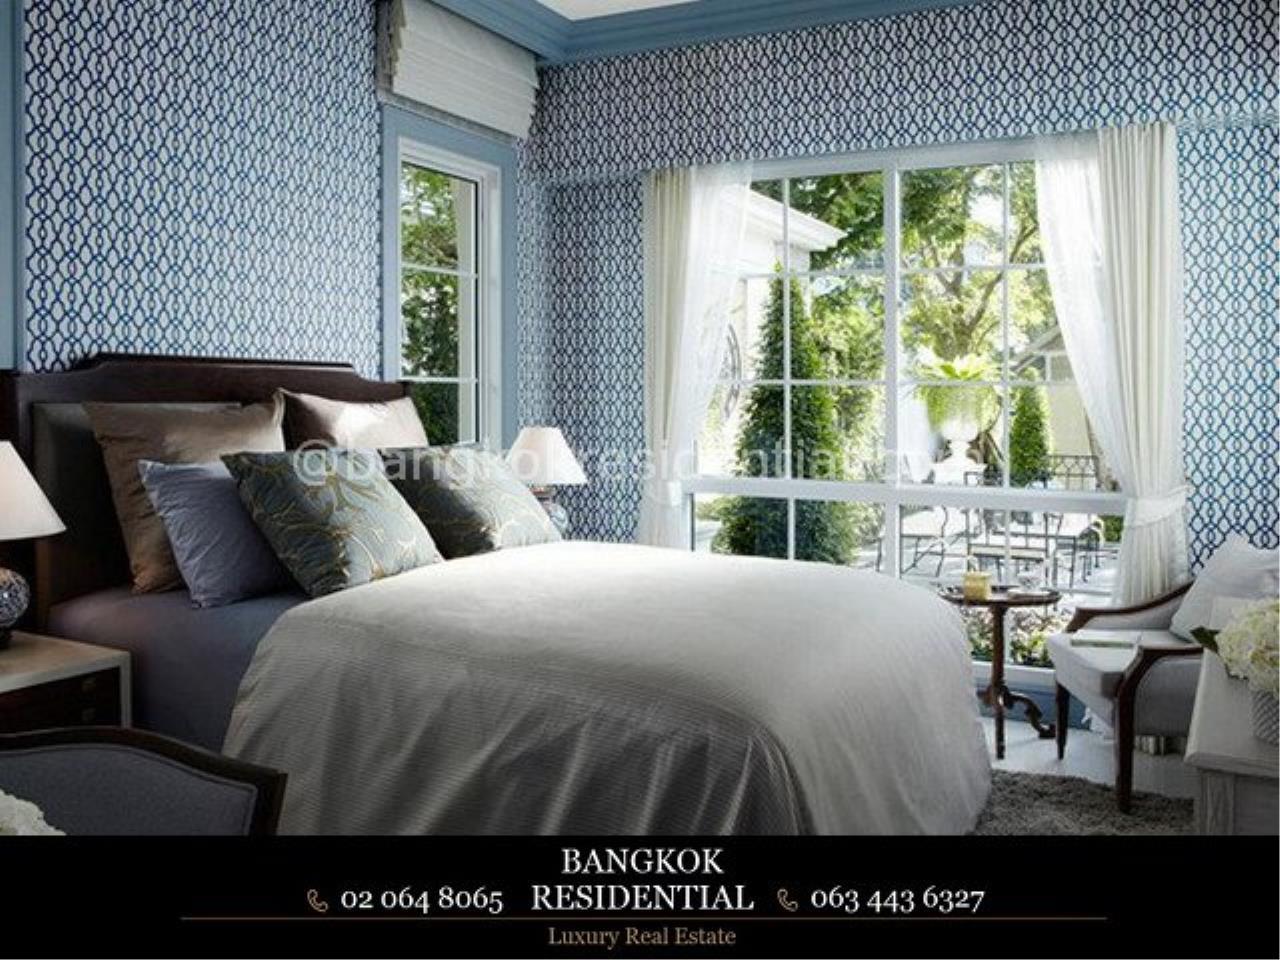 Bangkok Residential Agency's 4BR Narasiri Pattanakarn For Rent (BR7921SH) 4